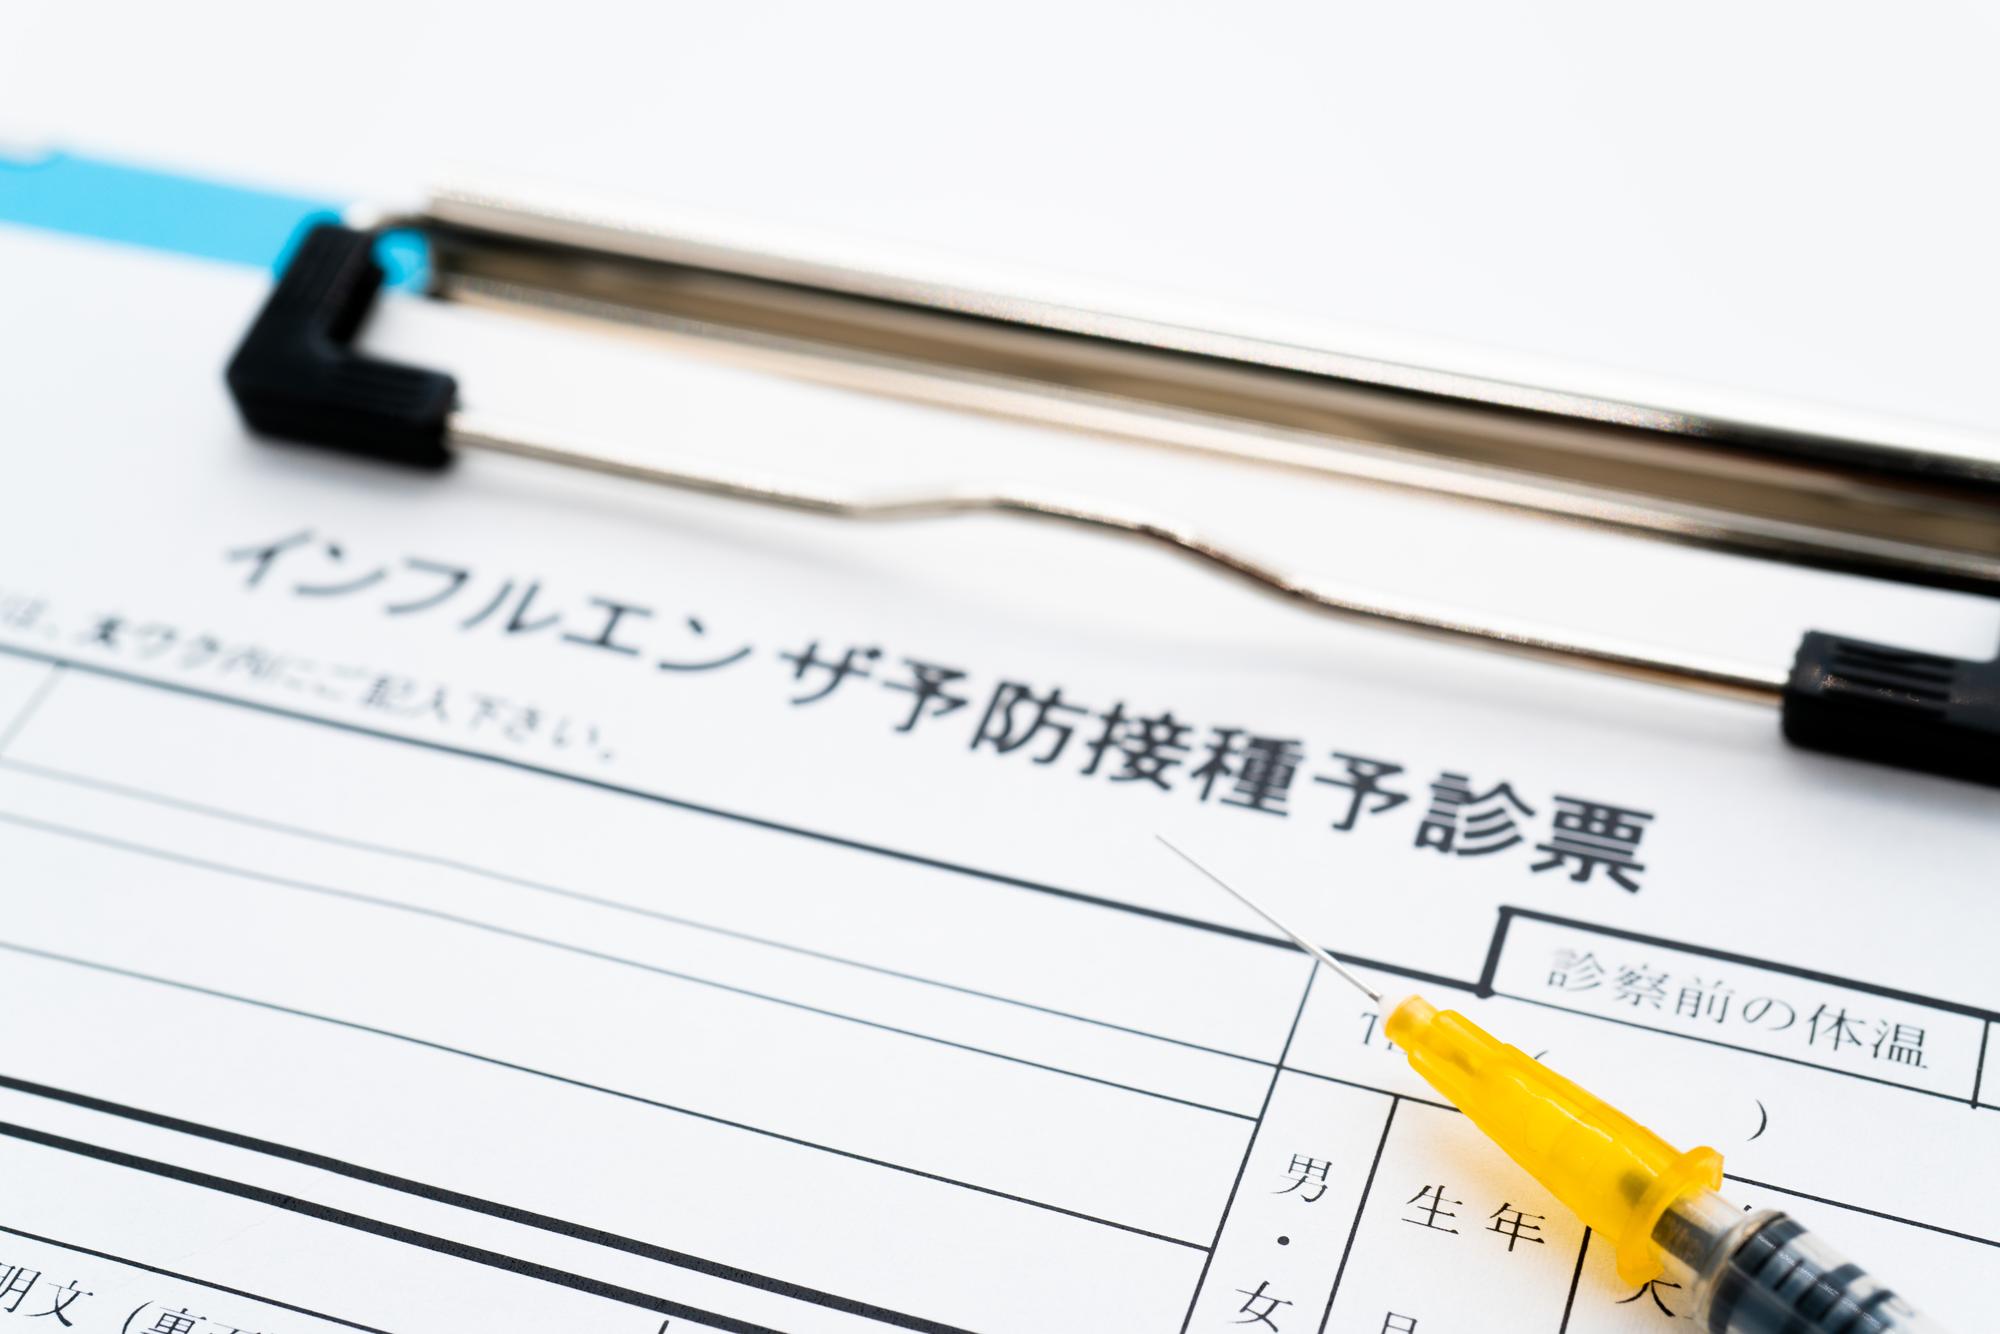 接種 名古屋 補助 インフルエンザ 予防 子供 市